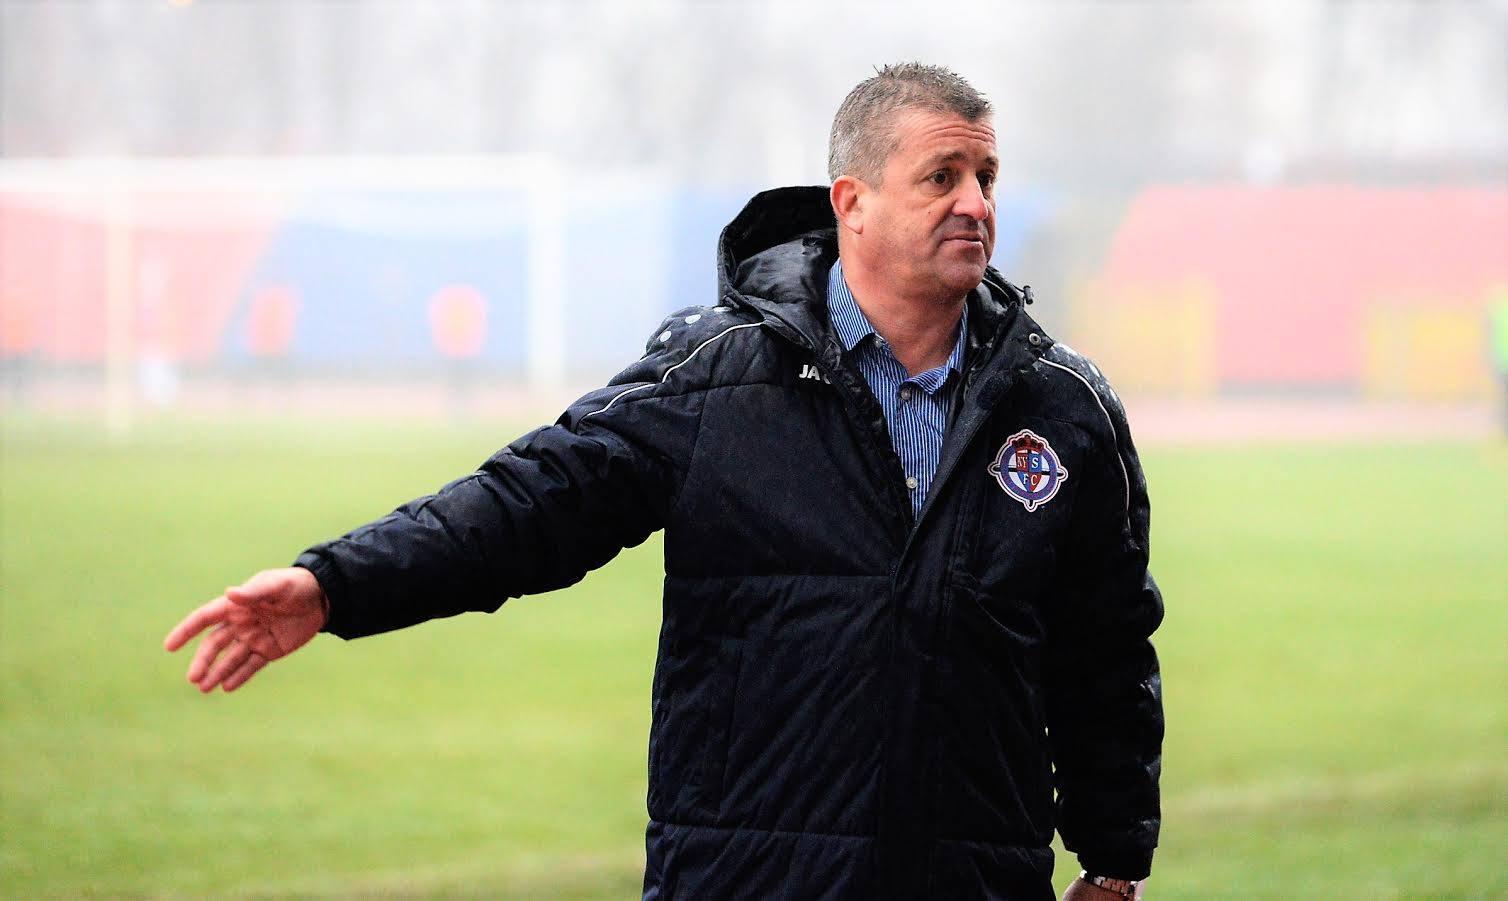 Végre újra itt van Véber Gyuri, aki viszi tovább a magyar edzők legnemesebb hagyományait